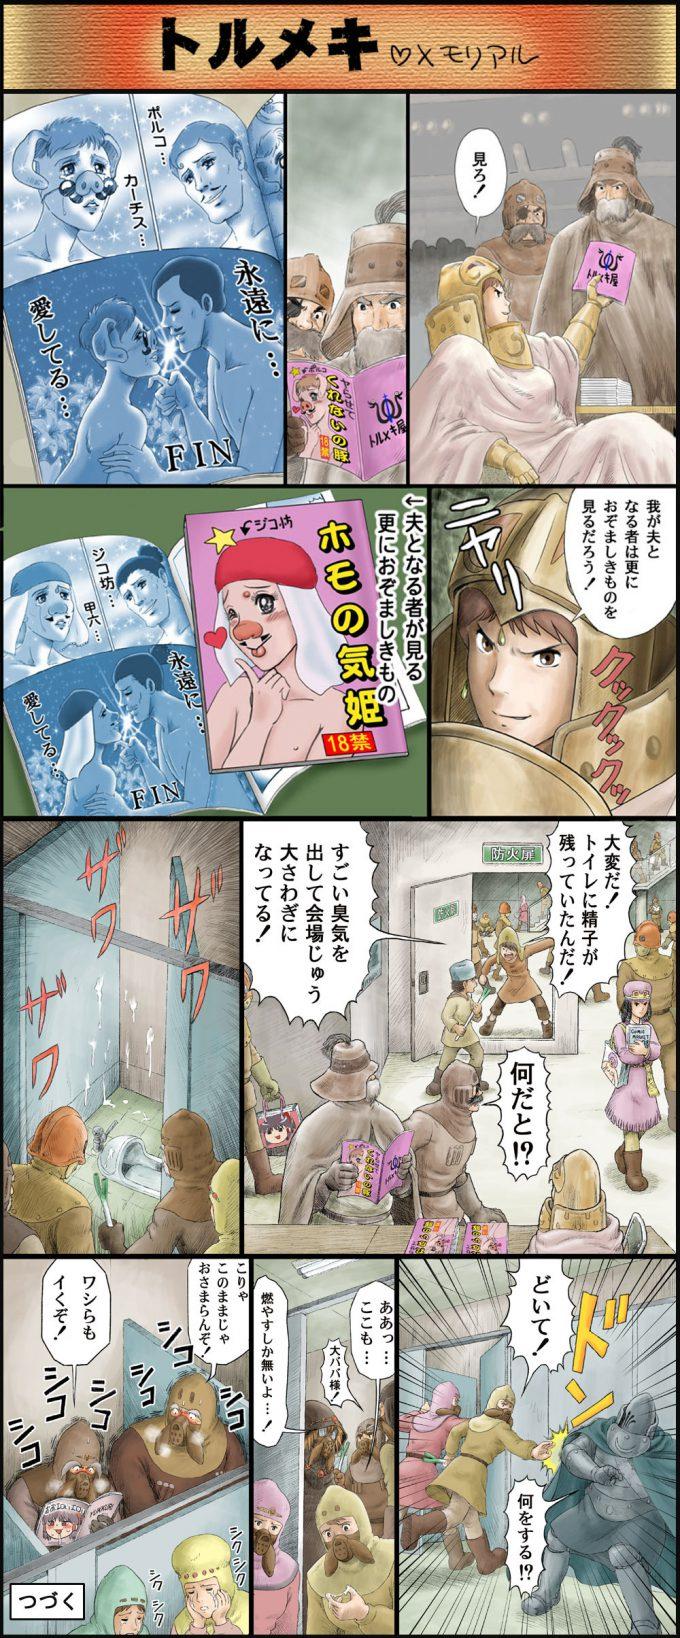 三井純さんの作品トルメキメモリアル